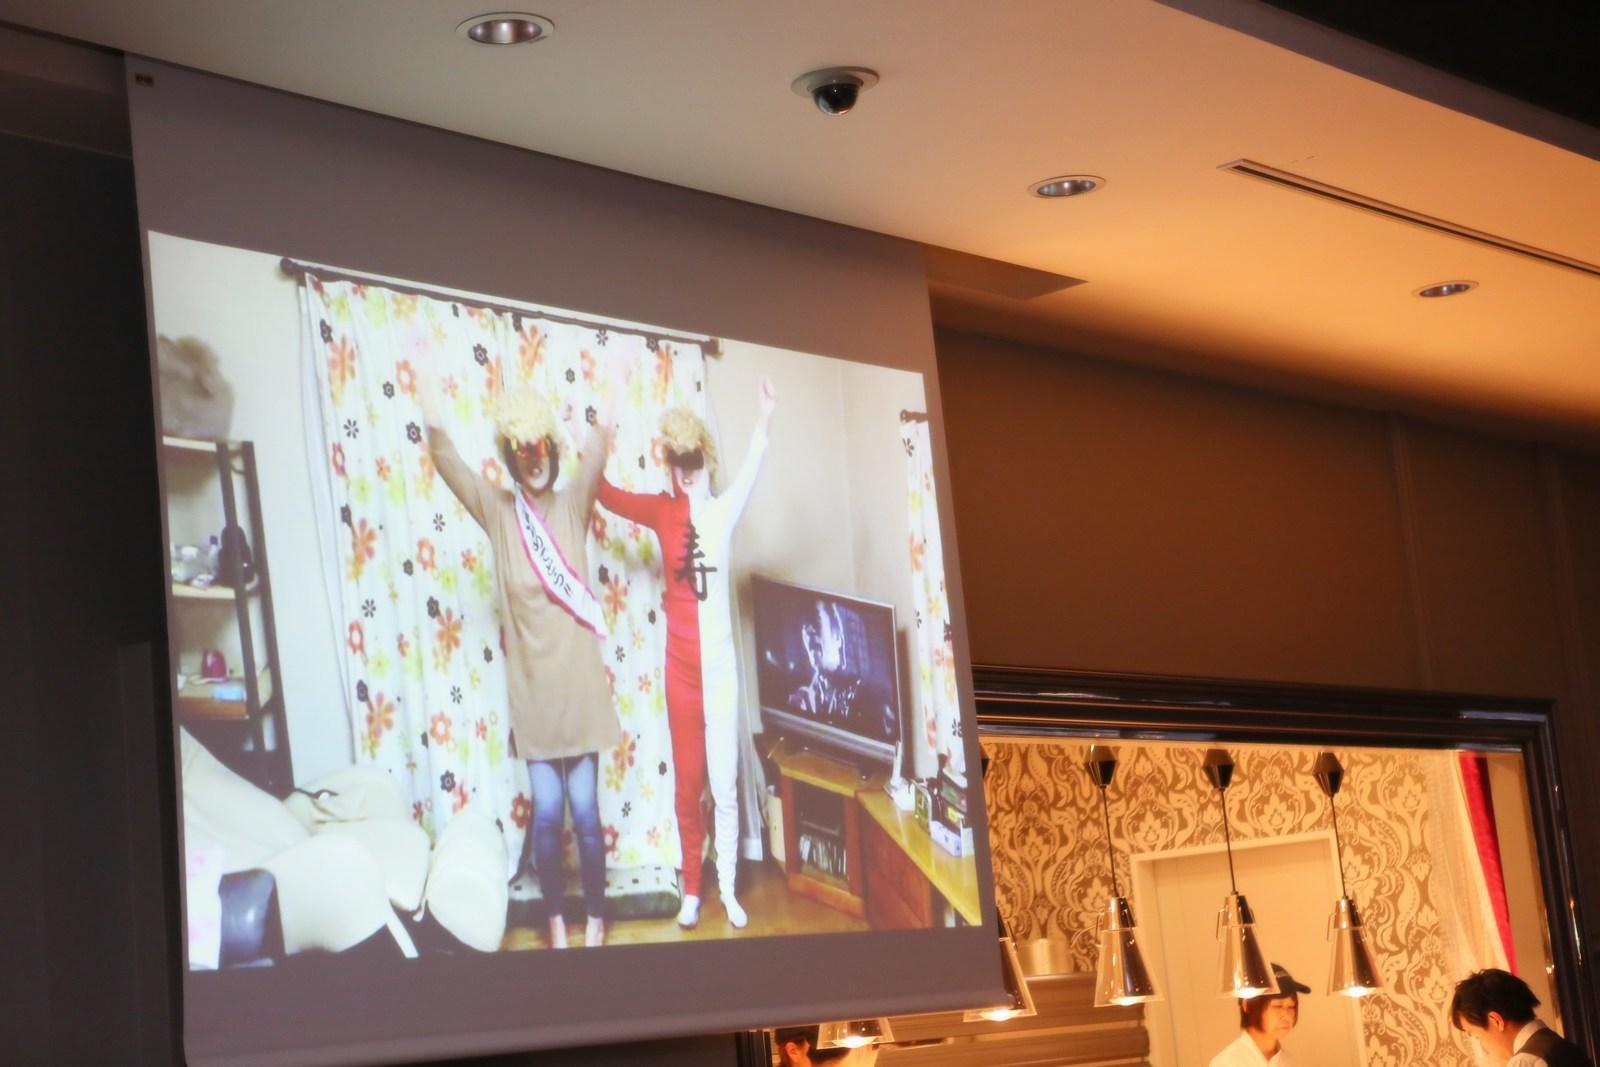 徳島県の結婚式場ブランアンジュの披露宴で上映したムービー